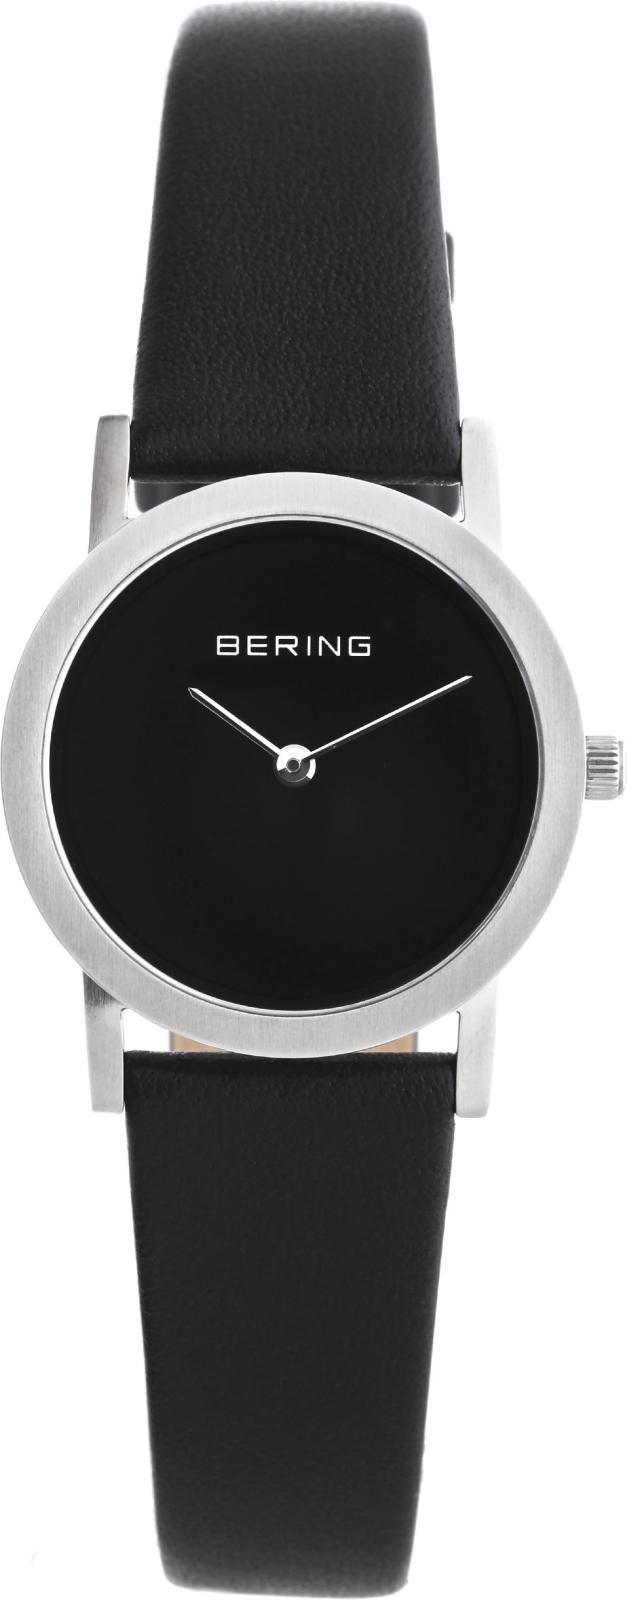 Bering Classic 13427-402 от Bering